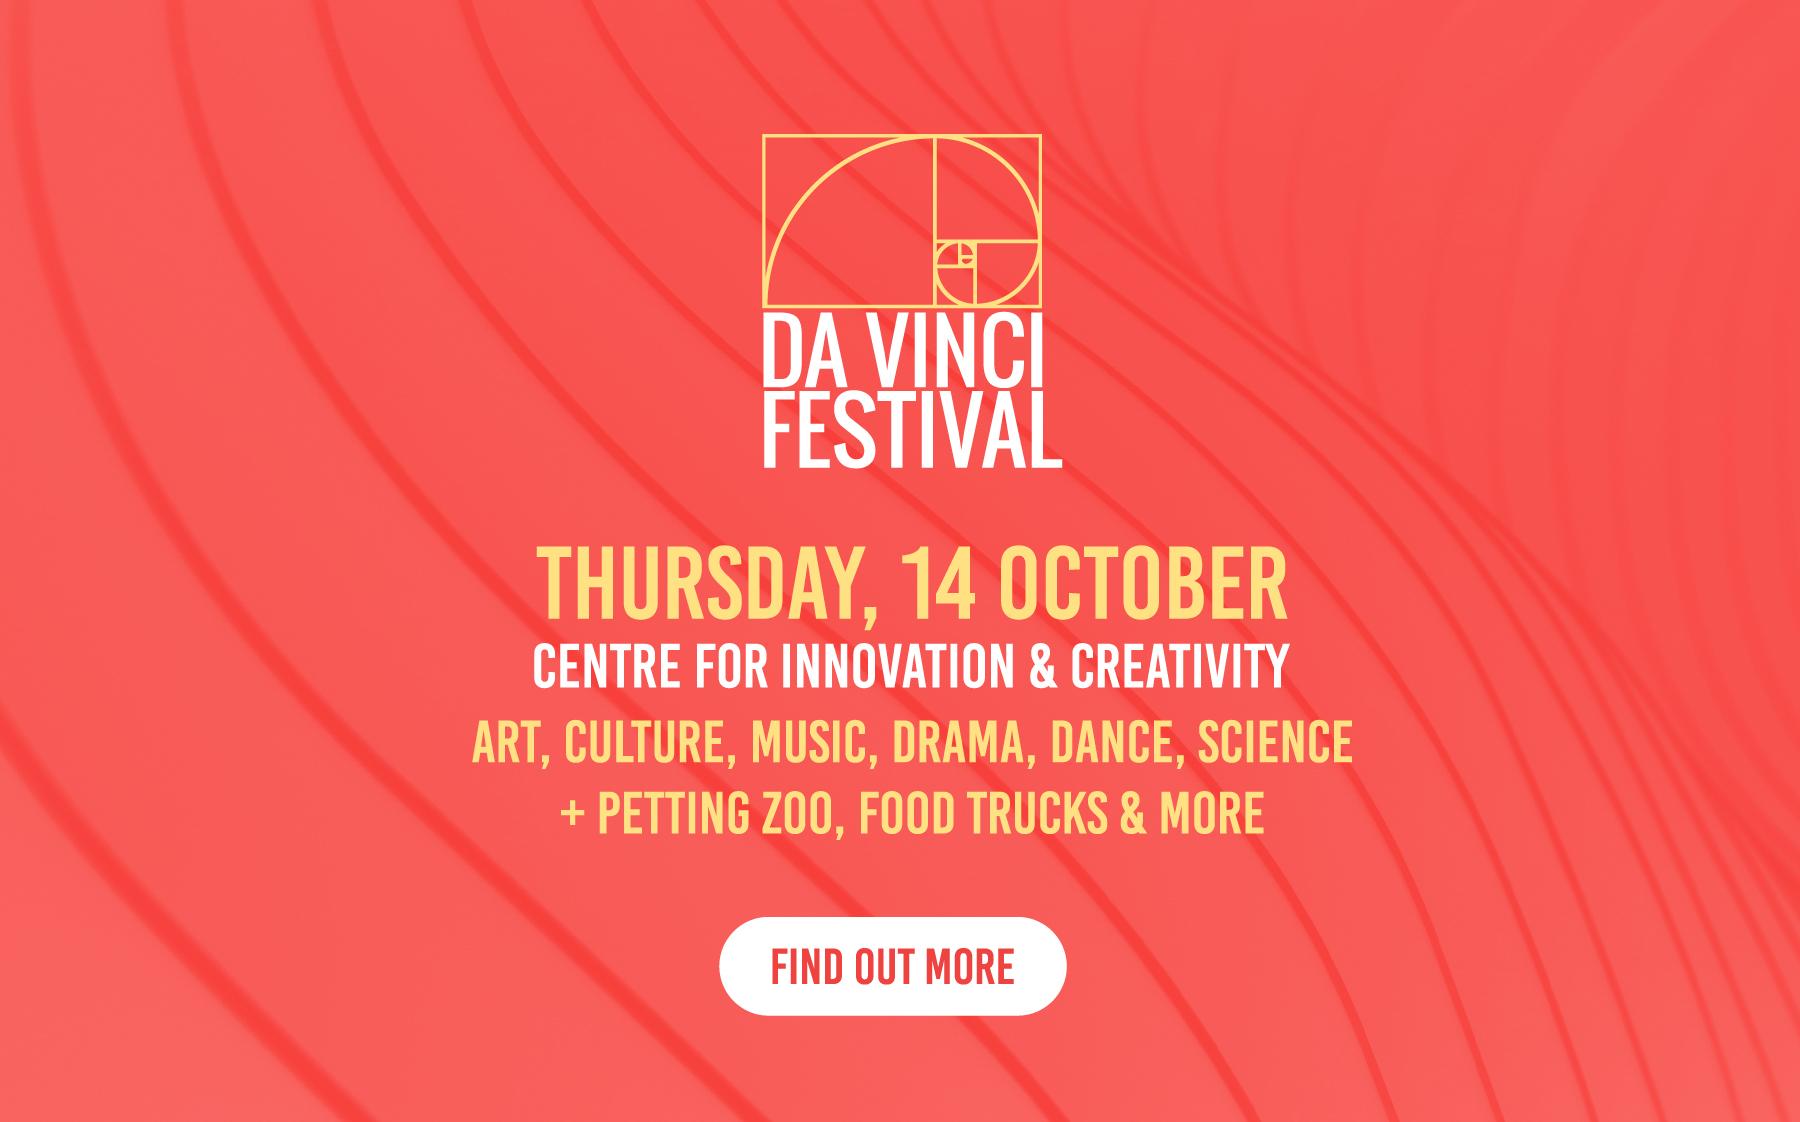 Da Vinci Festival 2021